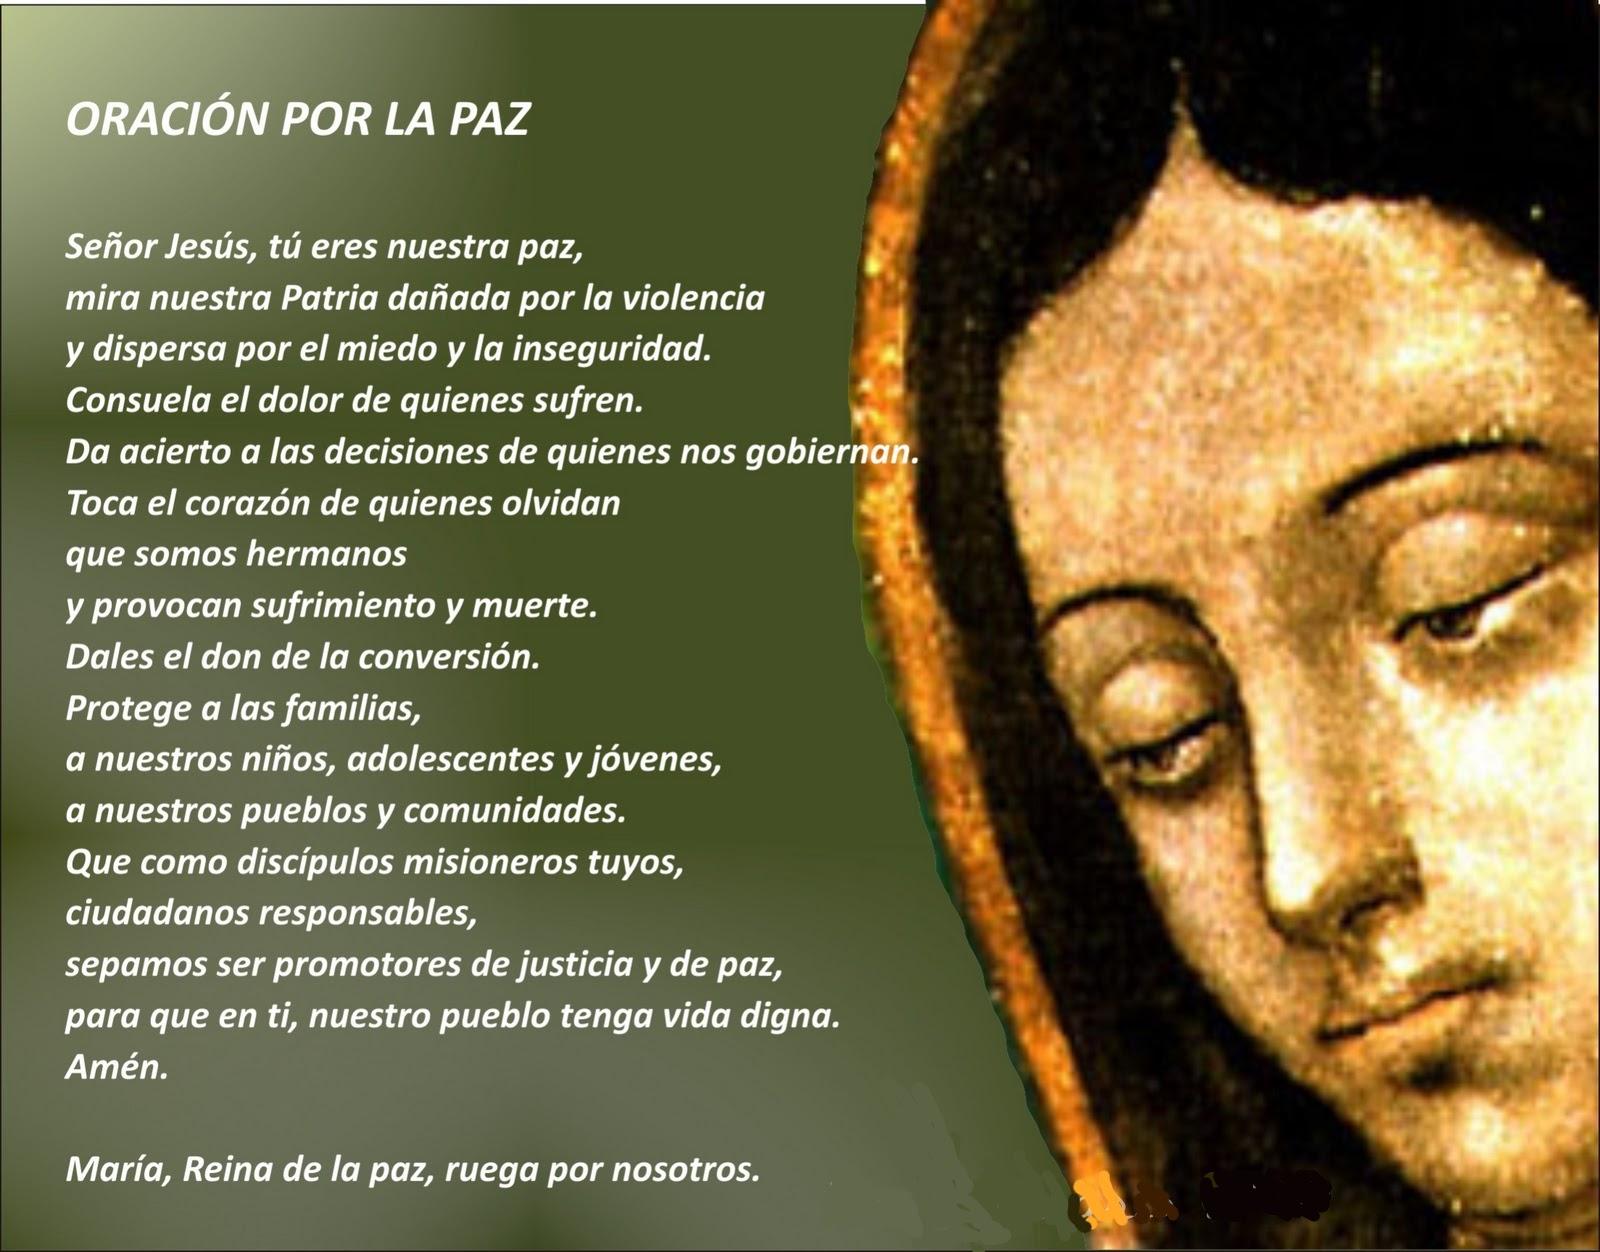 Oracion Para La Paz